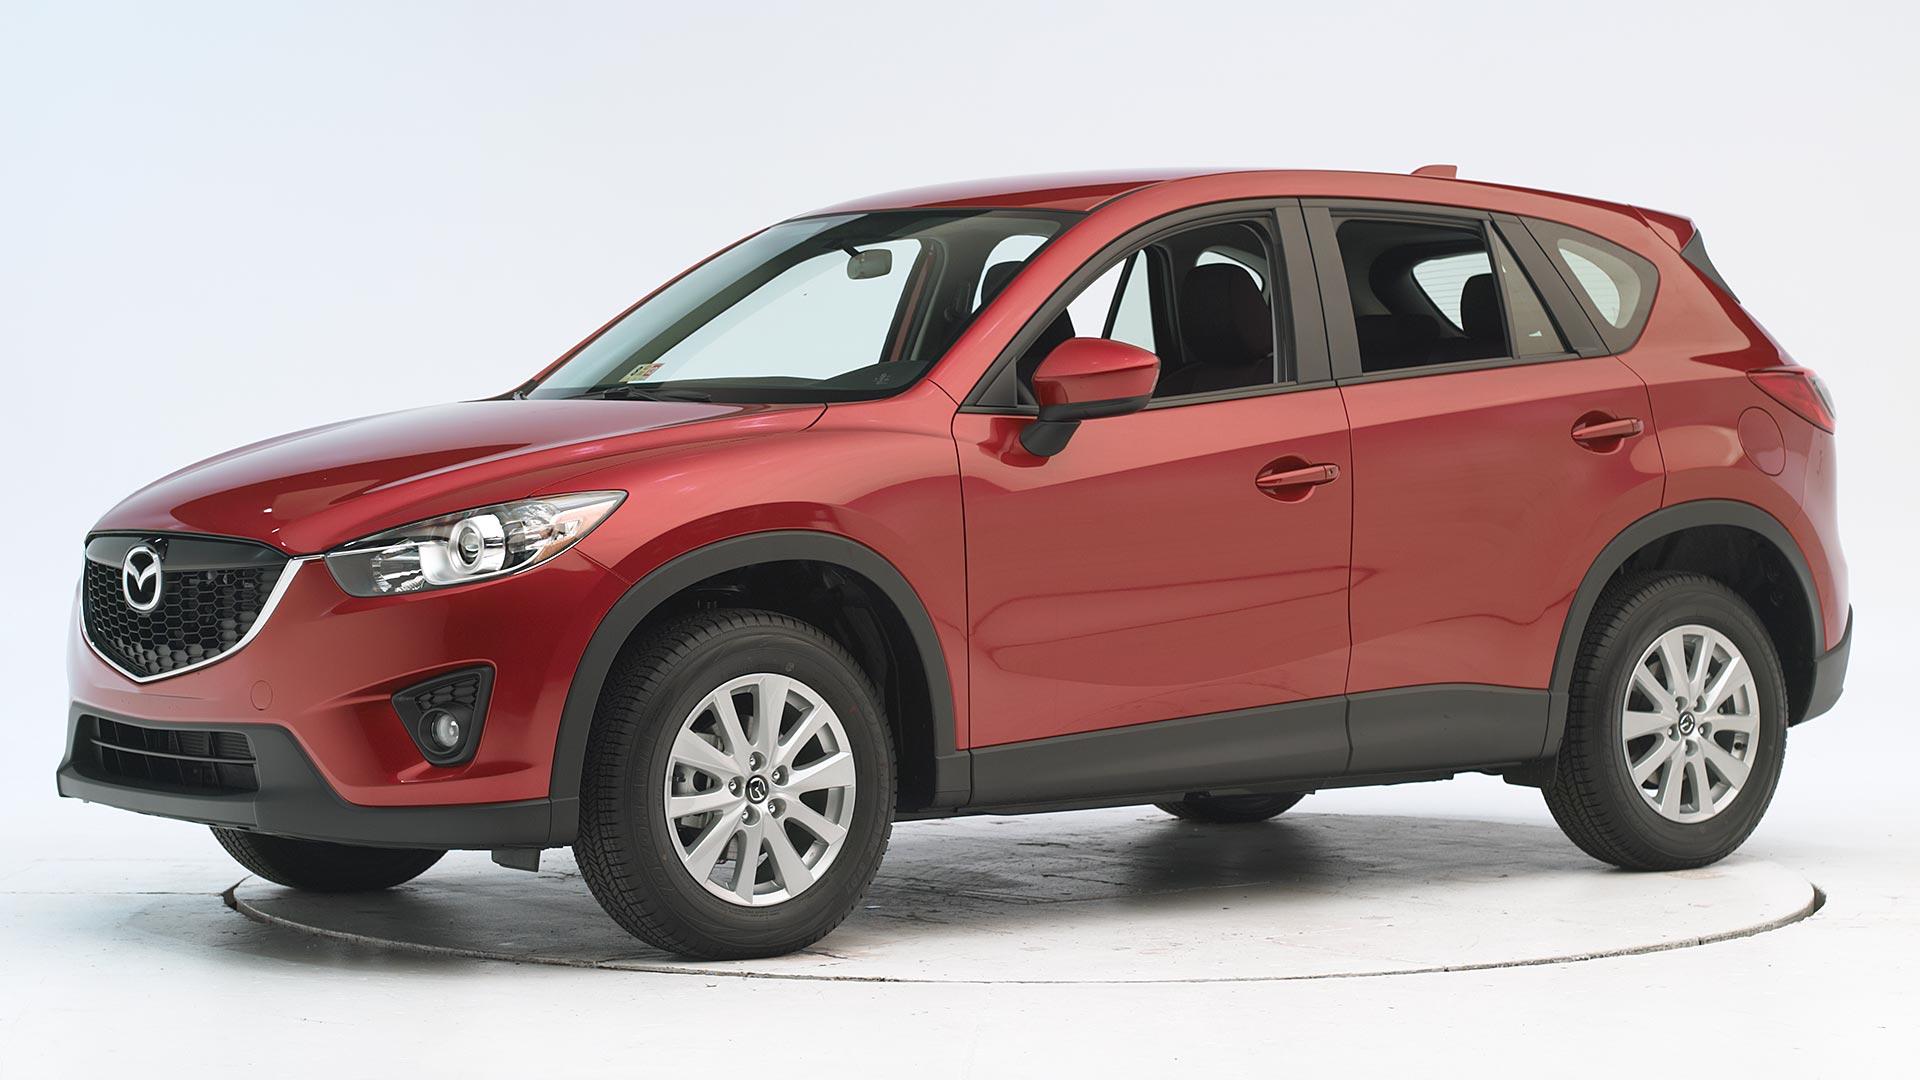 Kekurangan Mazda Cx 5 2013 Top Model Tahun Ini